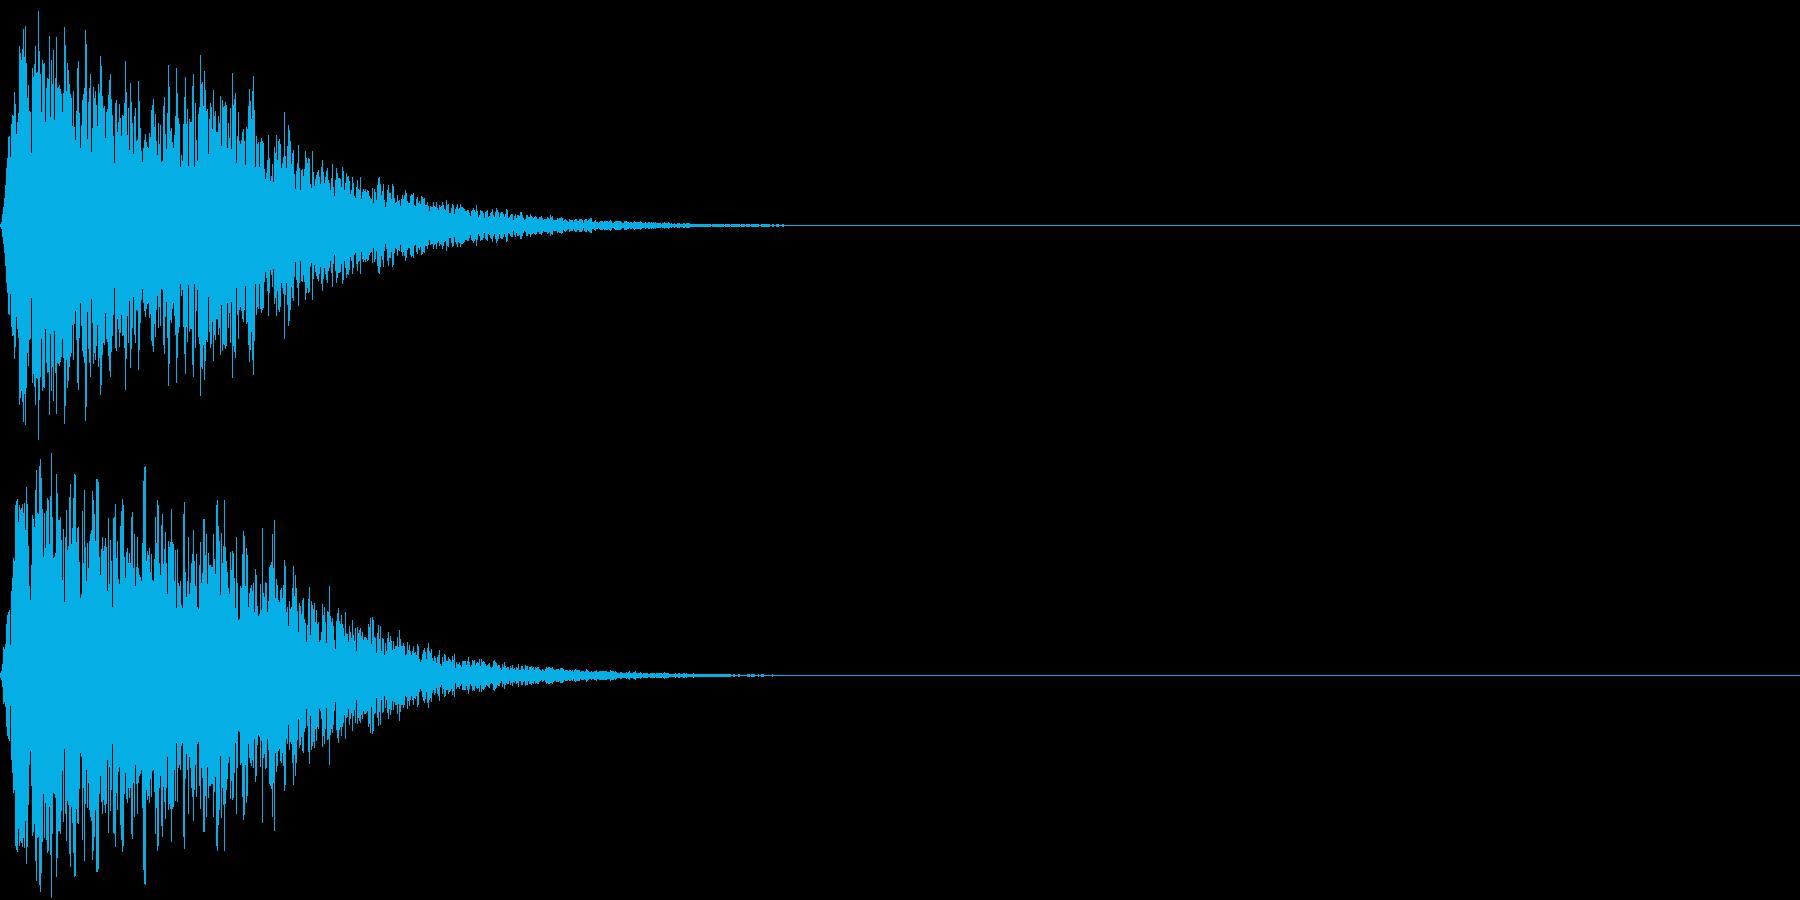 キュイン ボタン ピキーン キーン 10の再生済みの波形